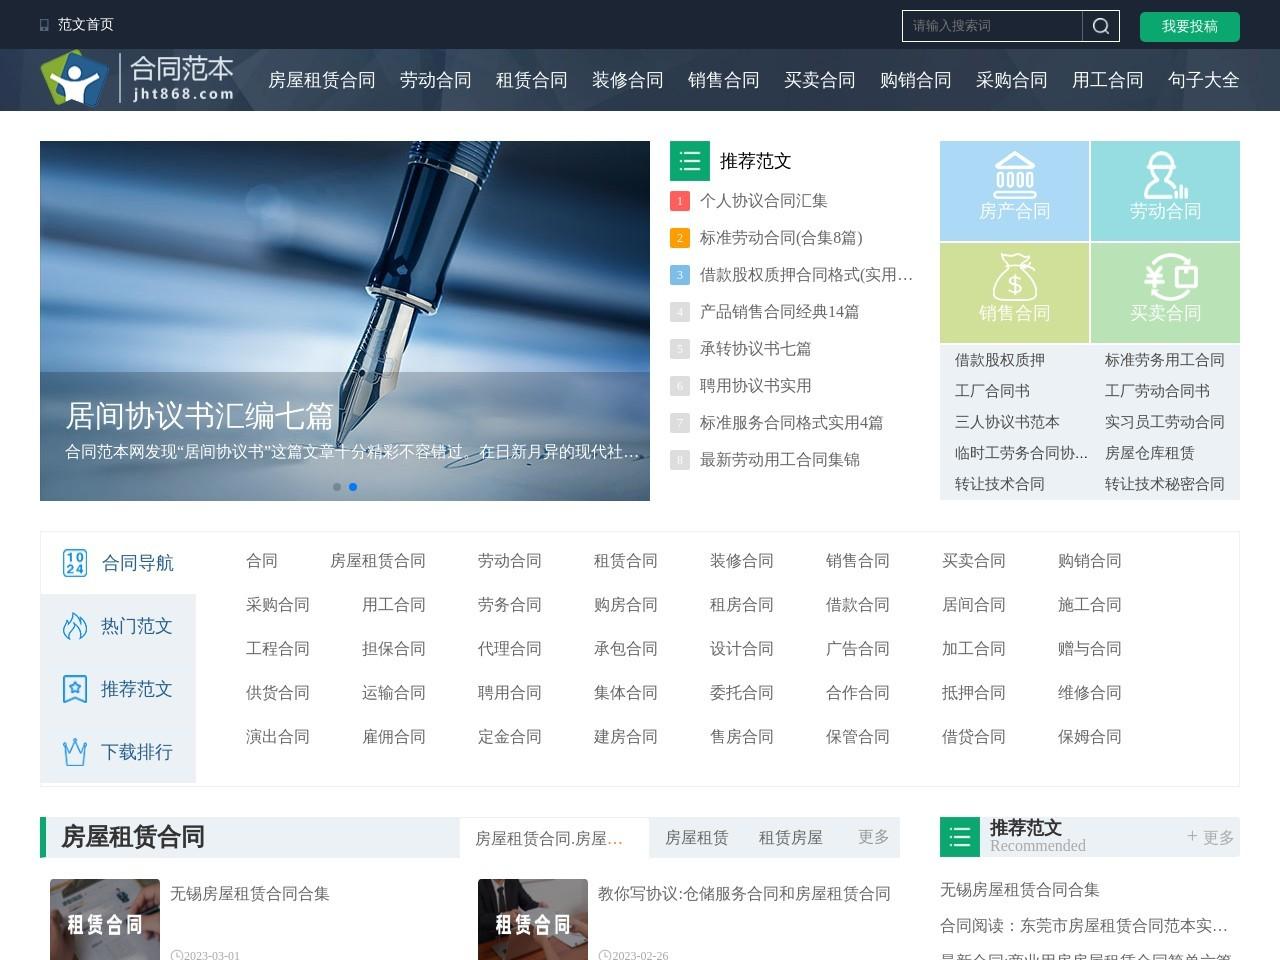 合同范本网_提供原创、优质各行业2021最新合同范本